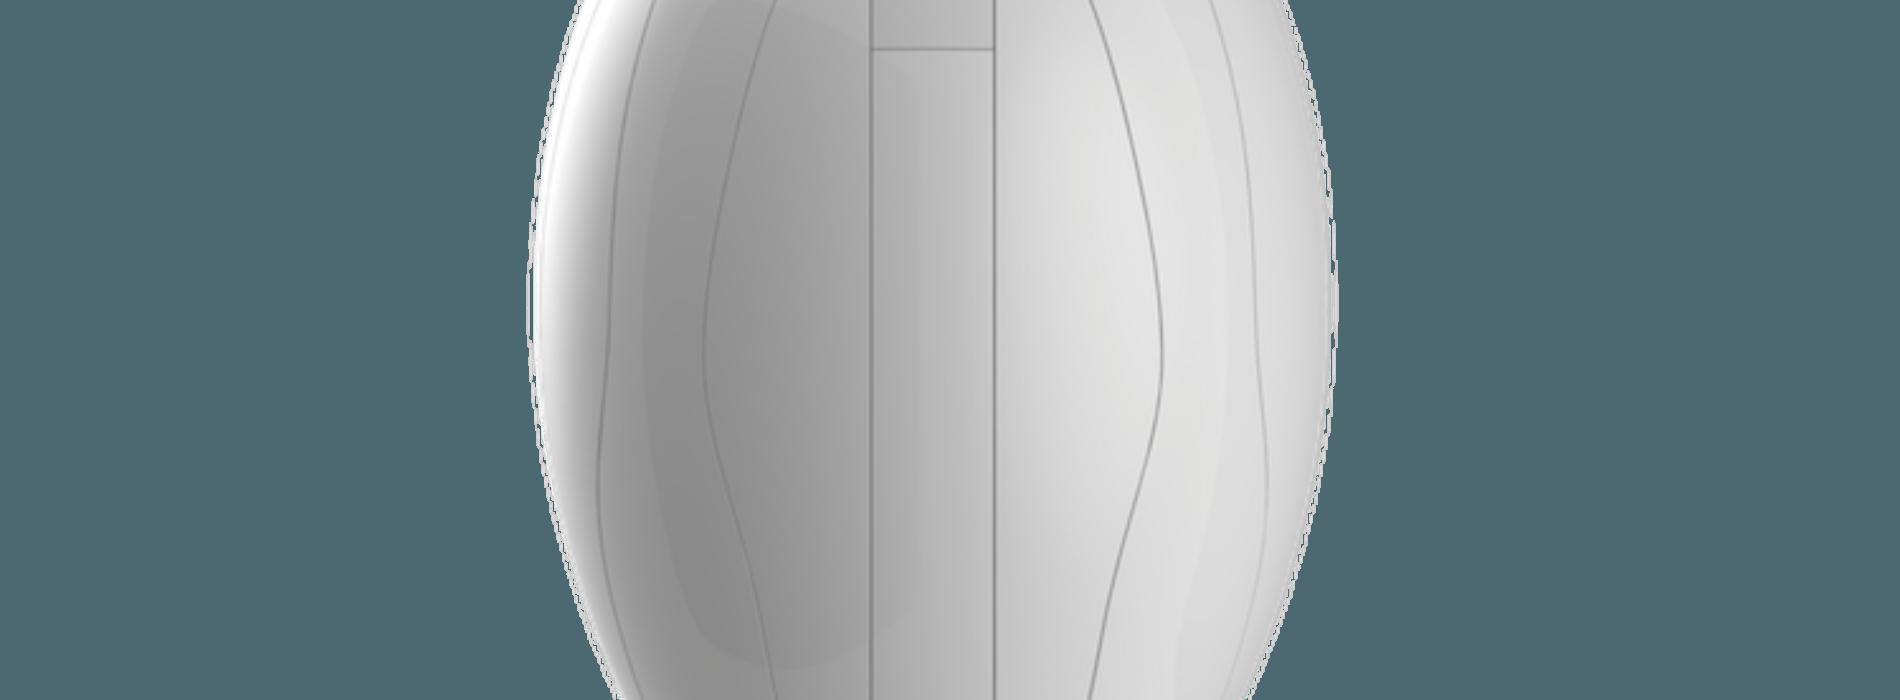 El huevo volador ha llegado, PowerEgg